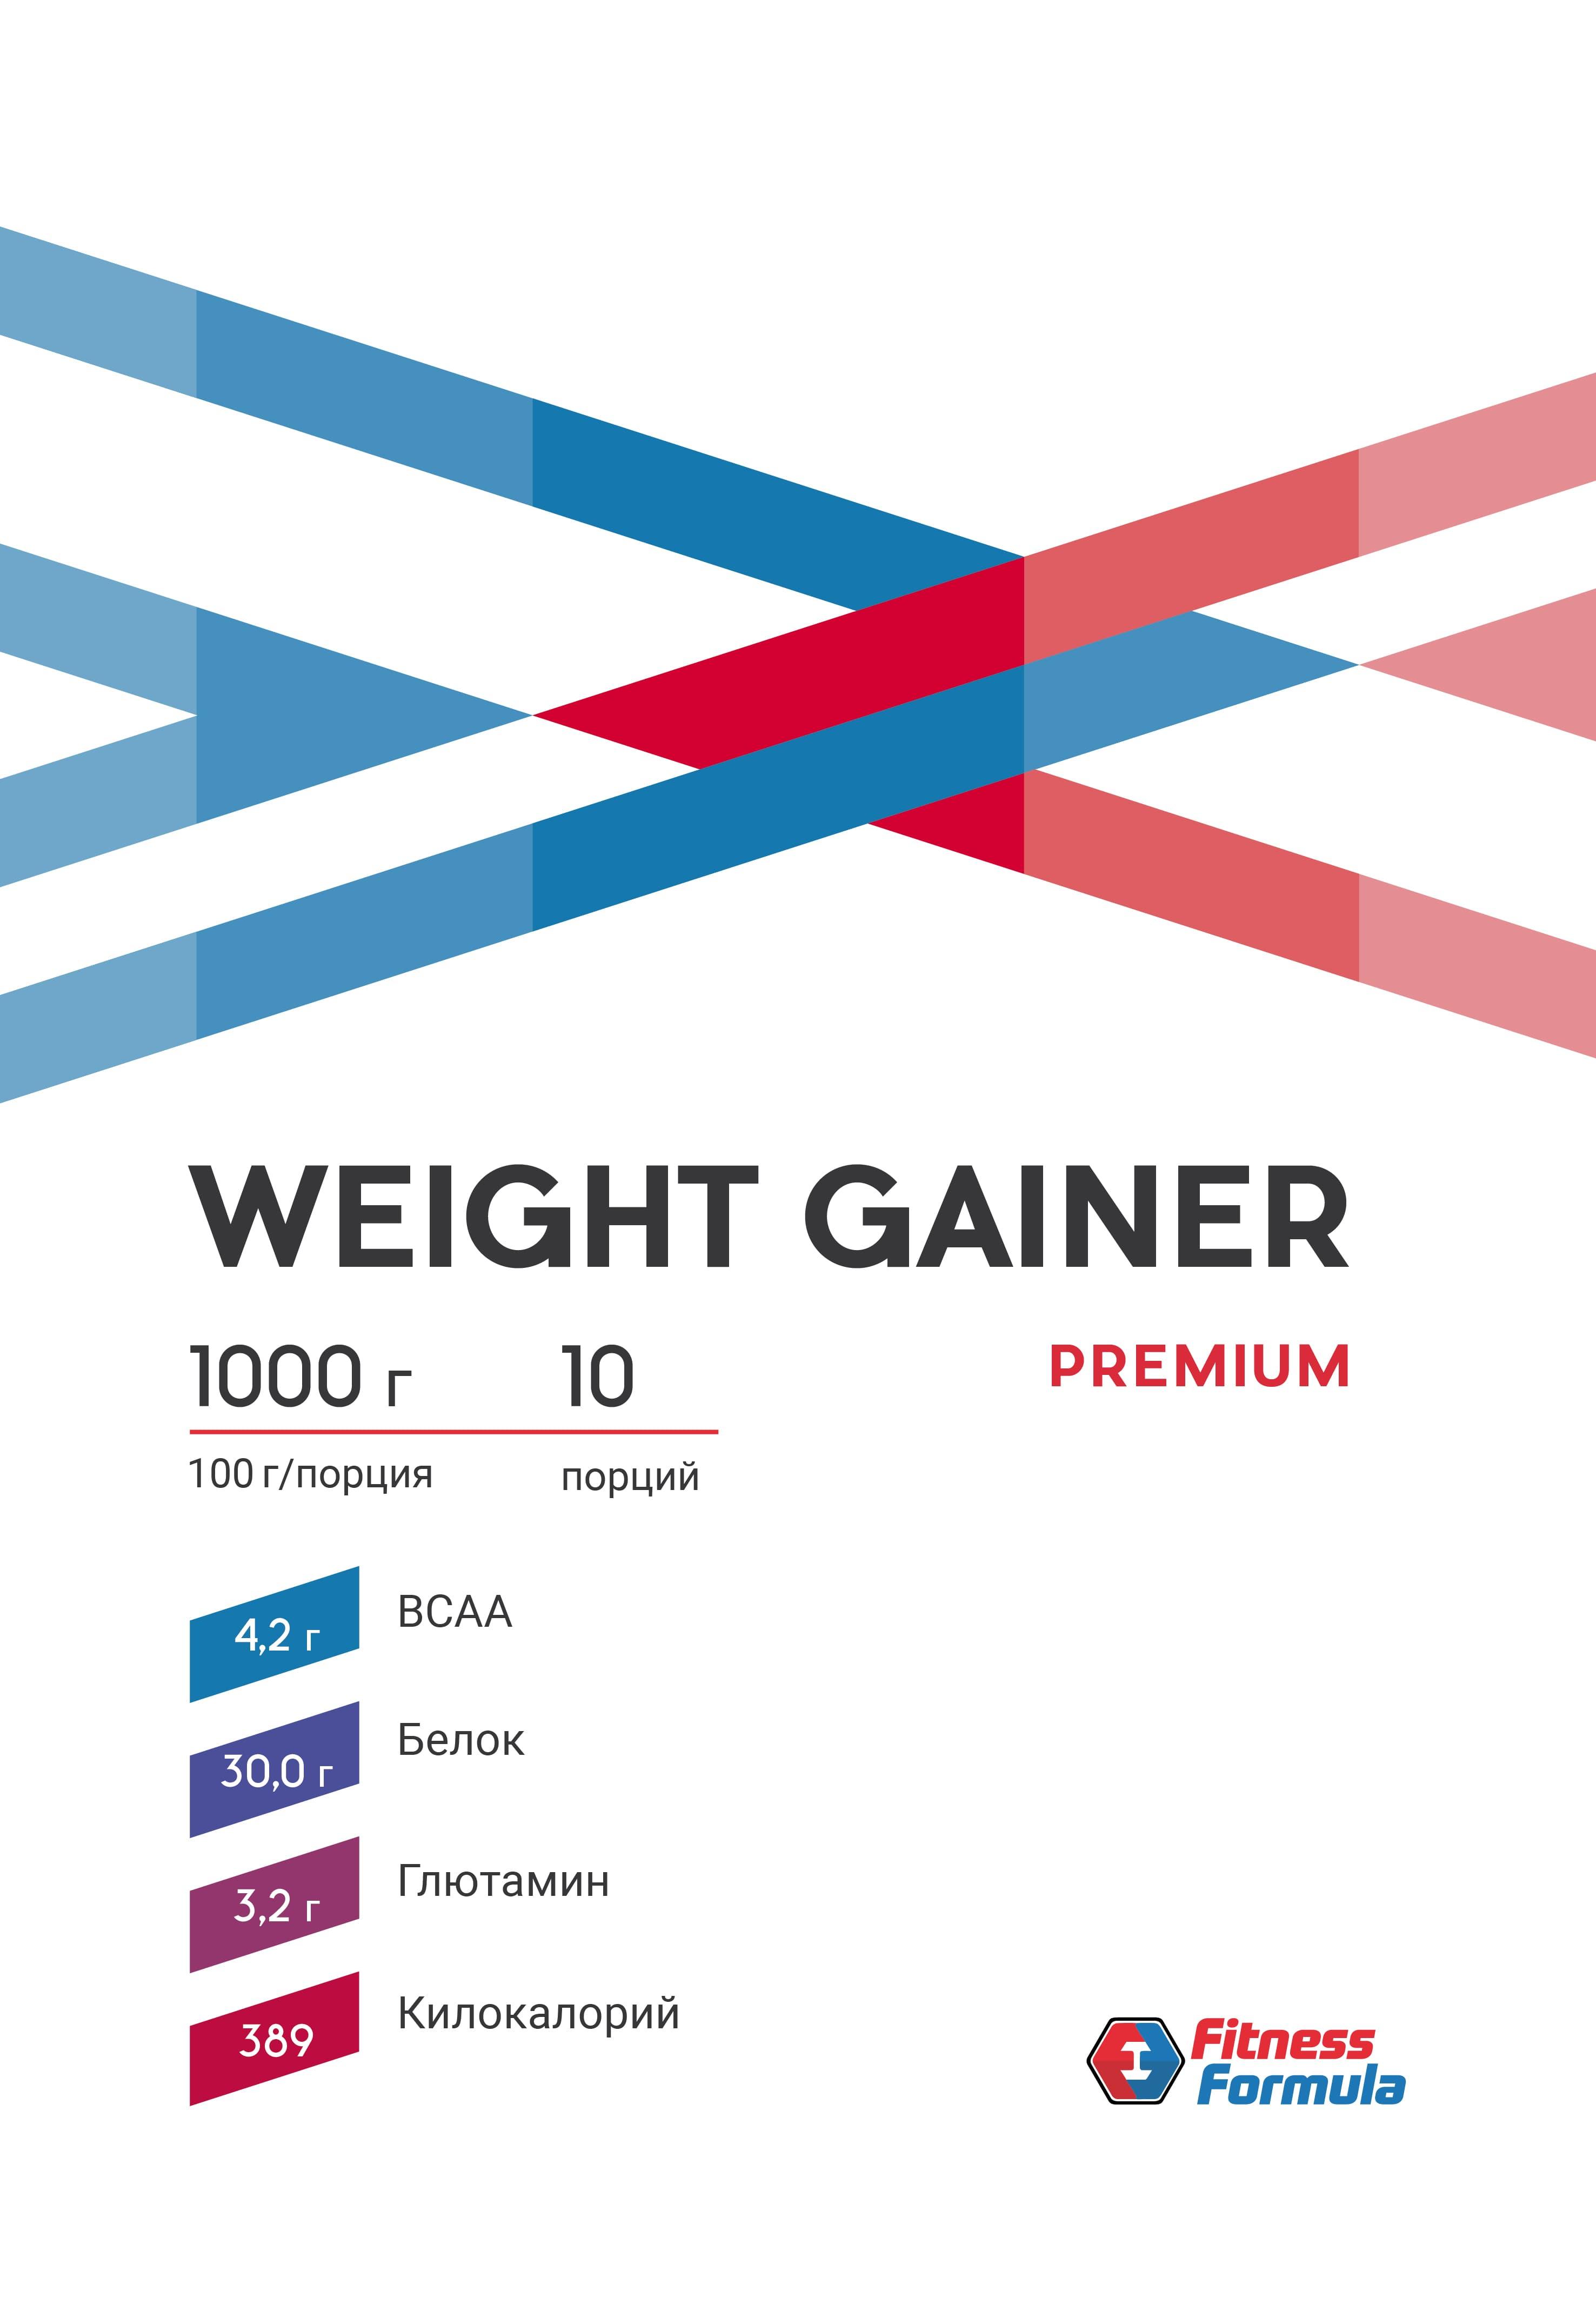 Gainer-01.jpg